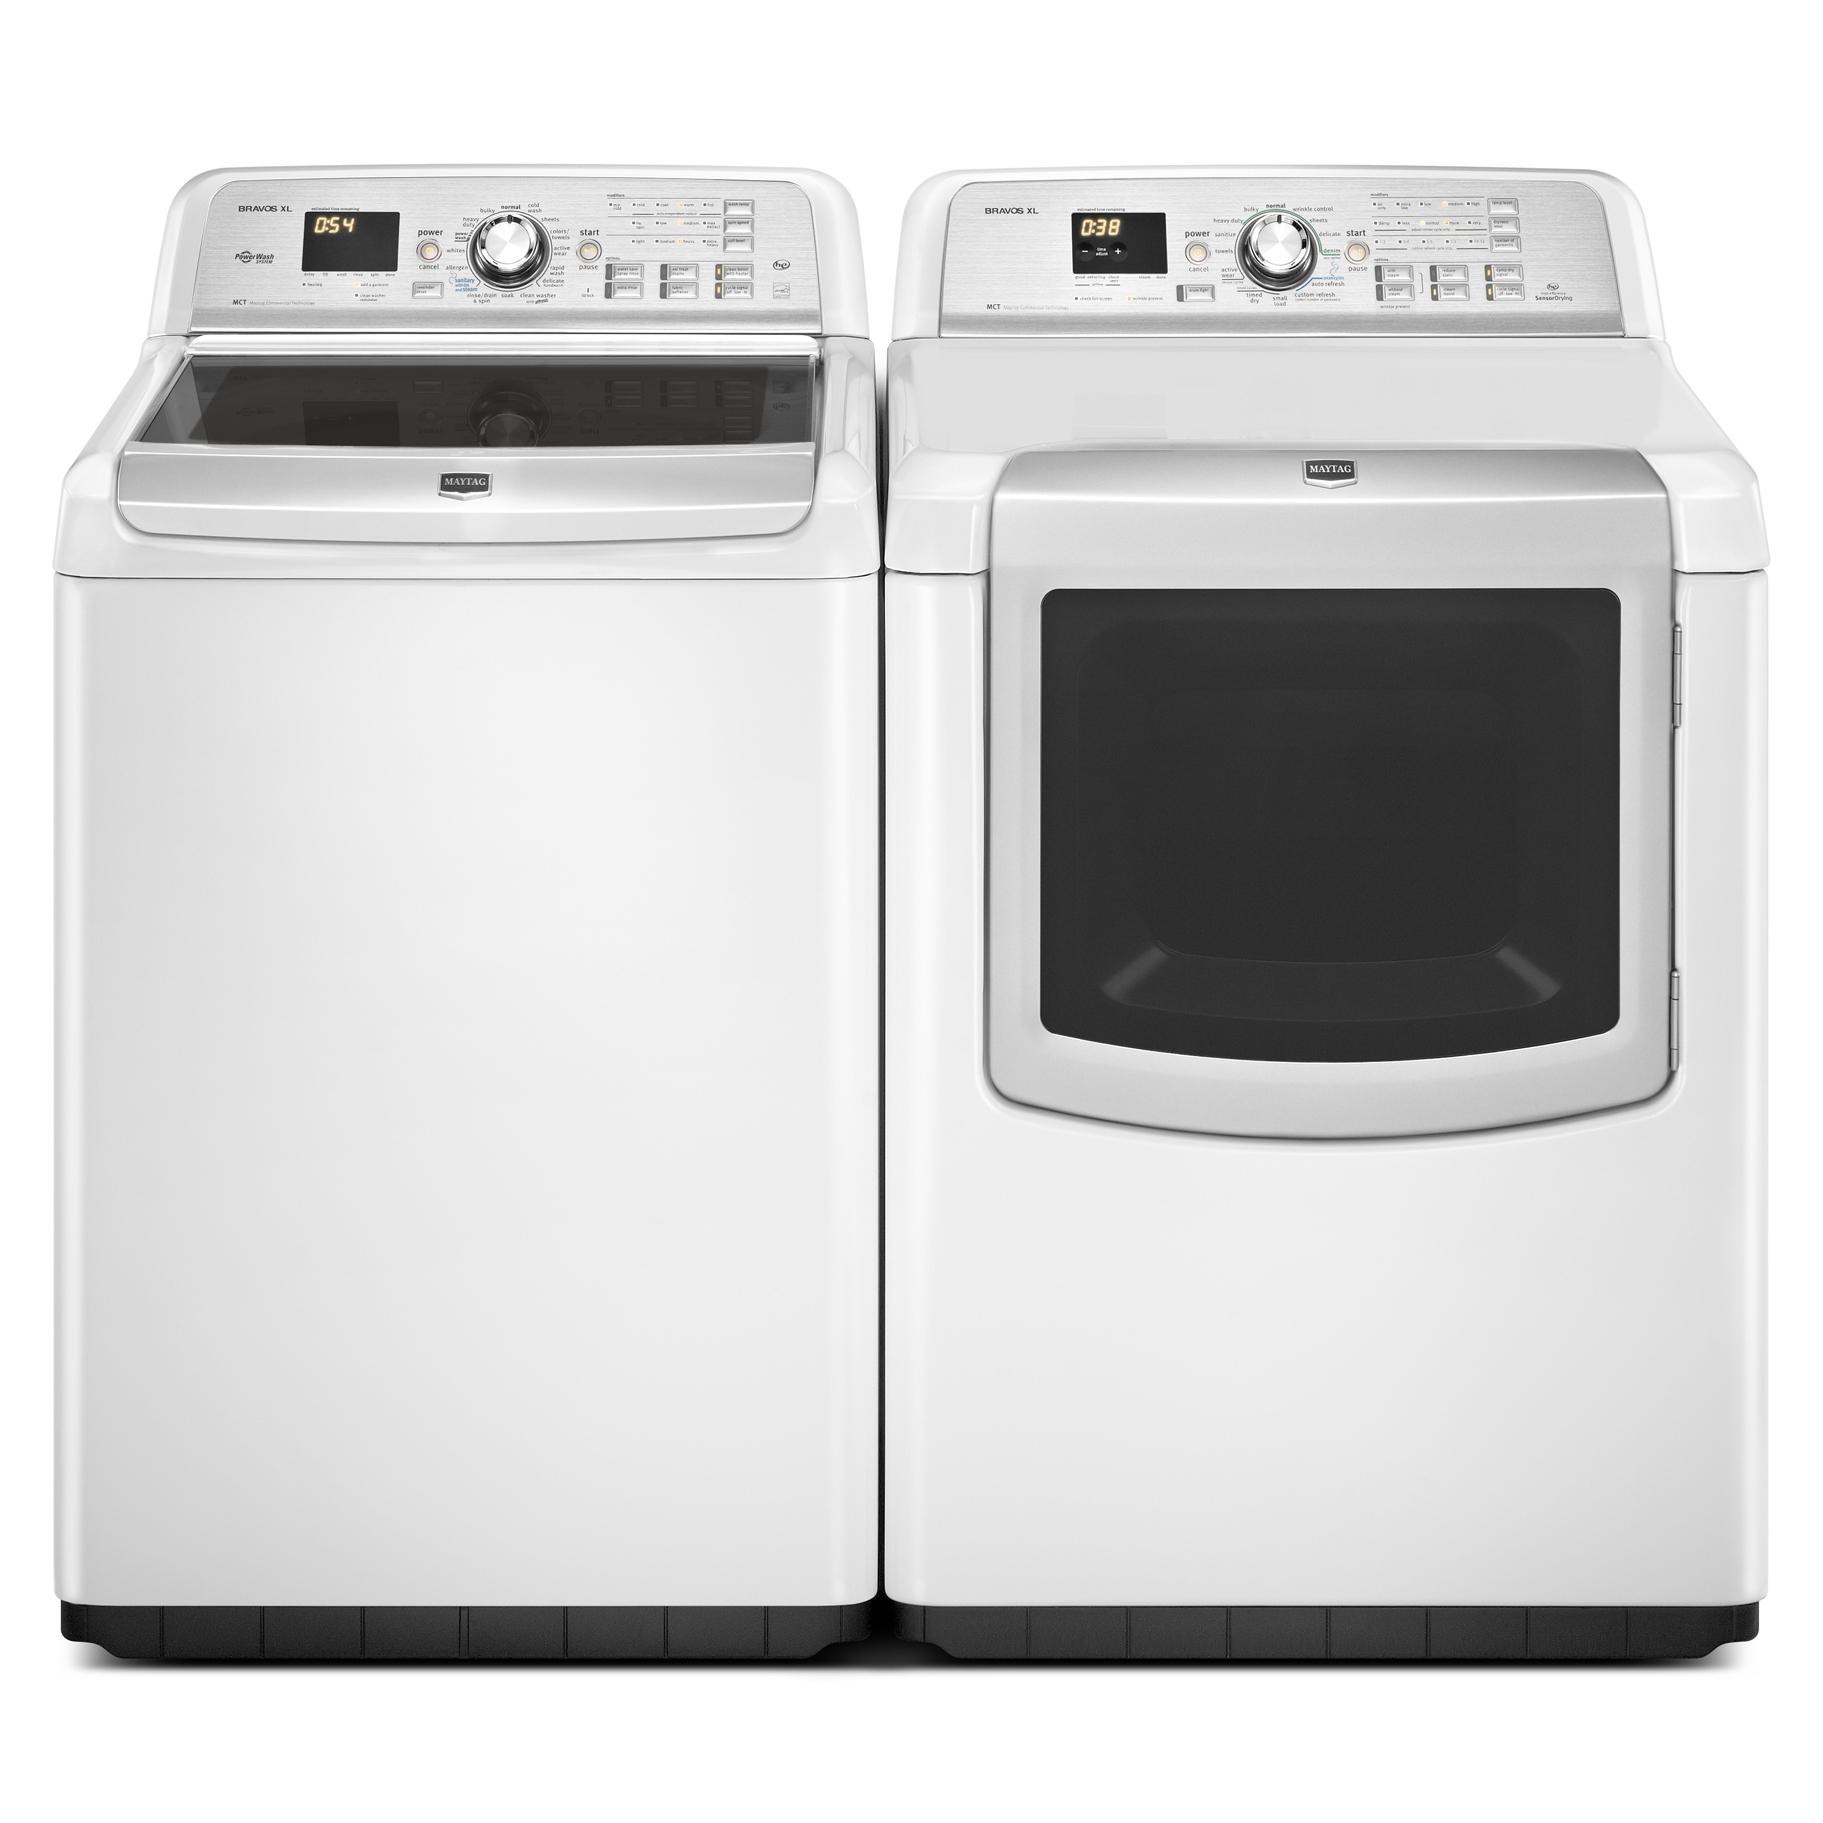 Maytag 7.3 cu. ft. Bravos XL® Electric Dryer w/ Custom Refresh Cycles - White